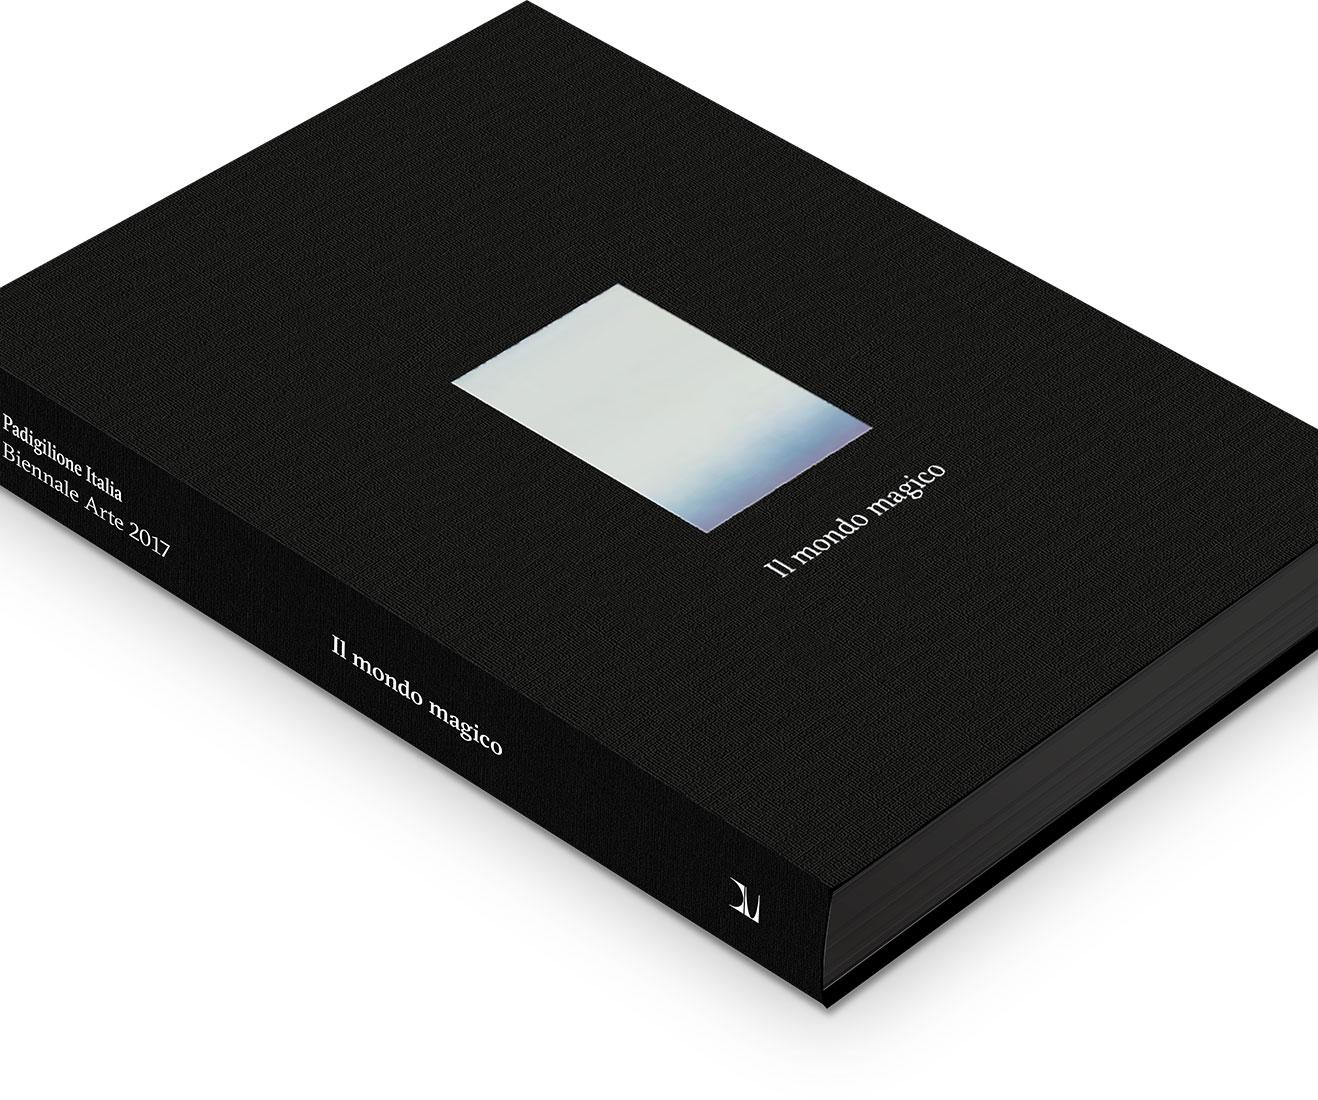 padiglione-italia-catalogo-mostra-57-biennale-venezia-mobile